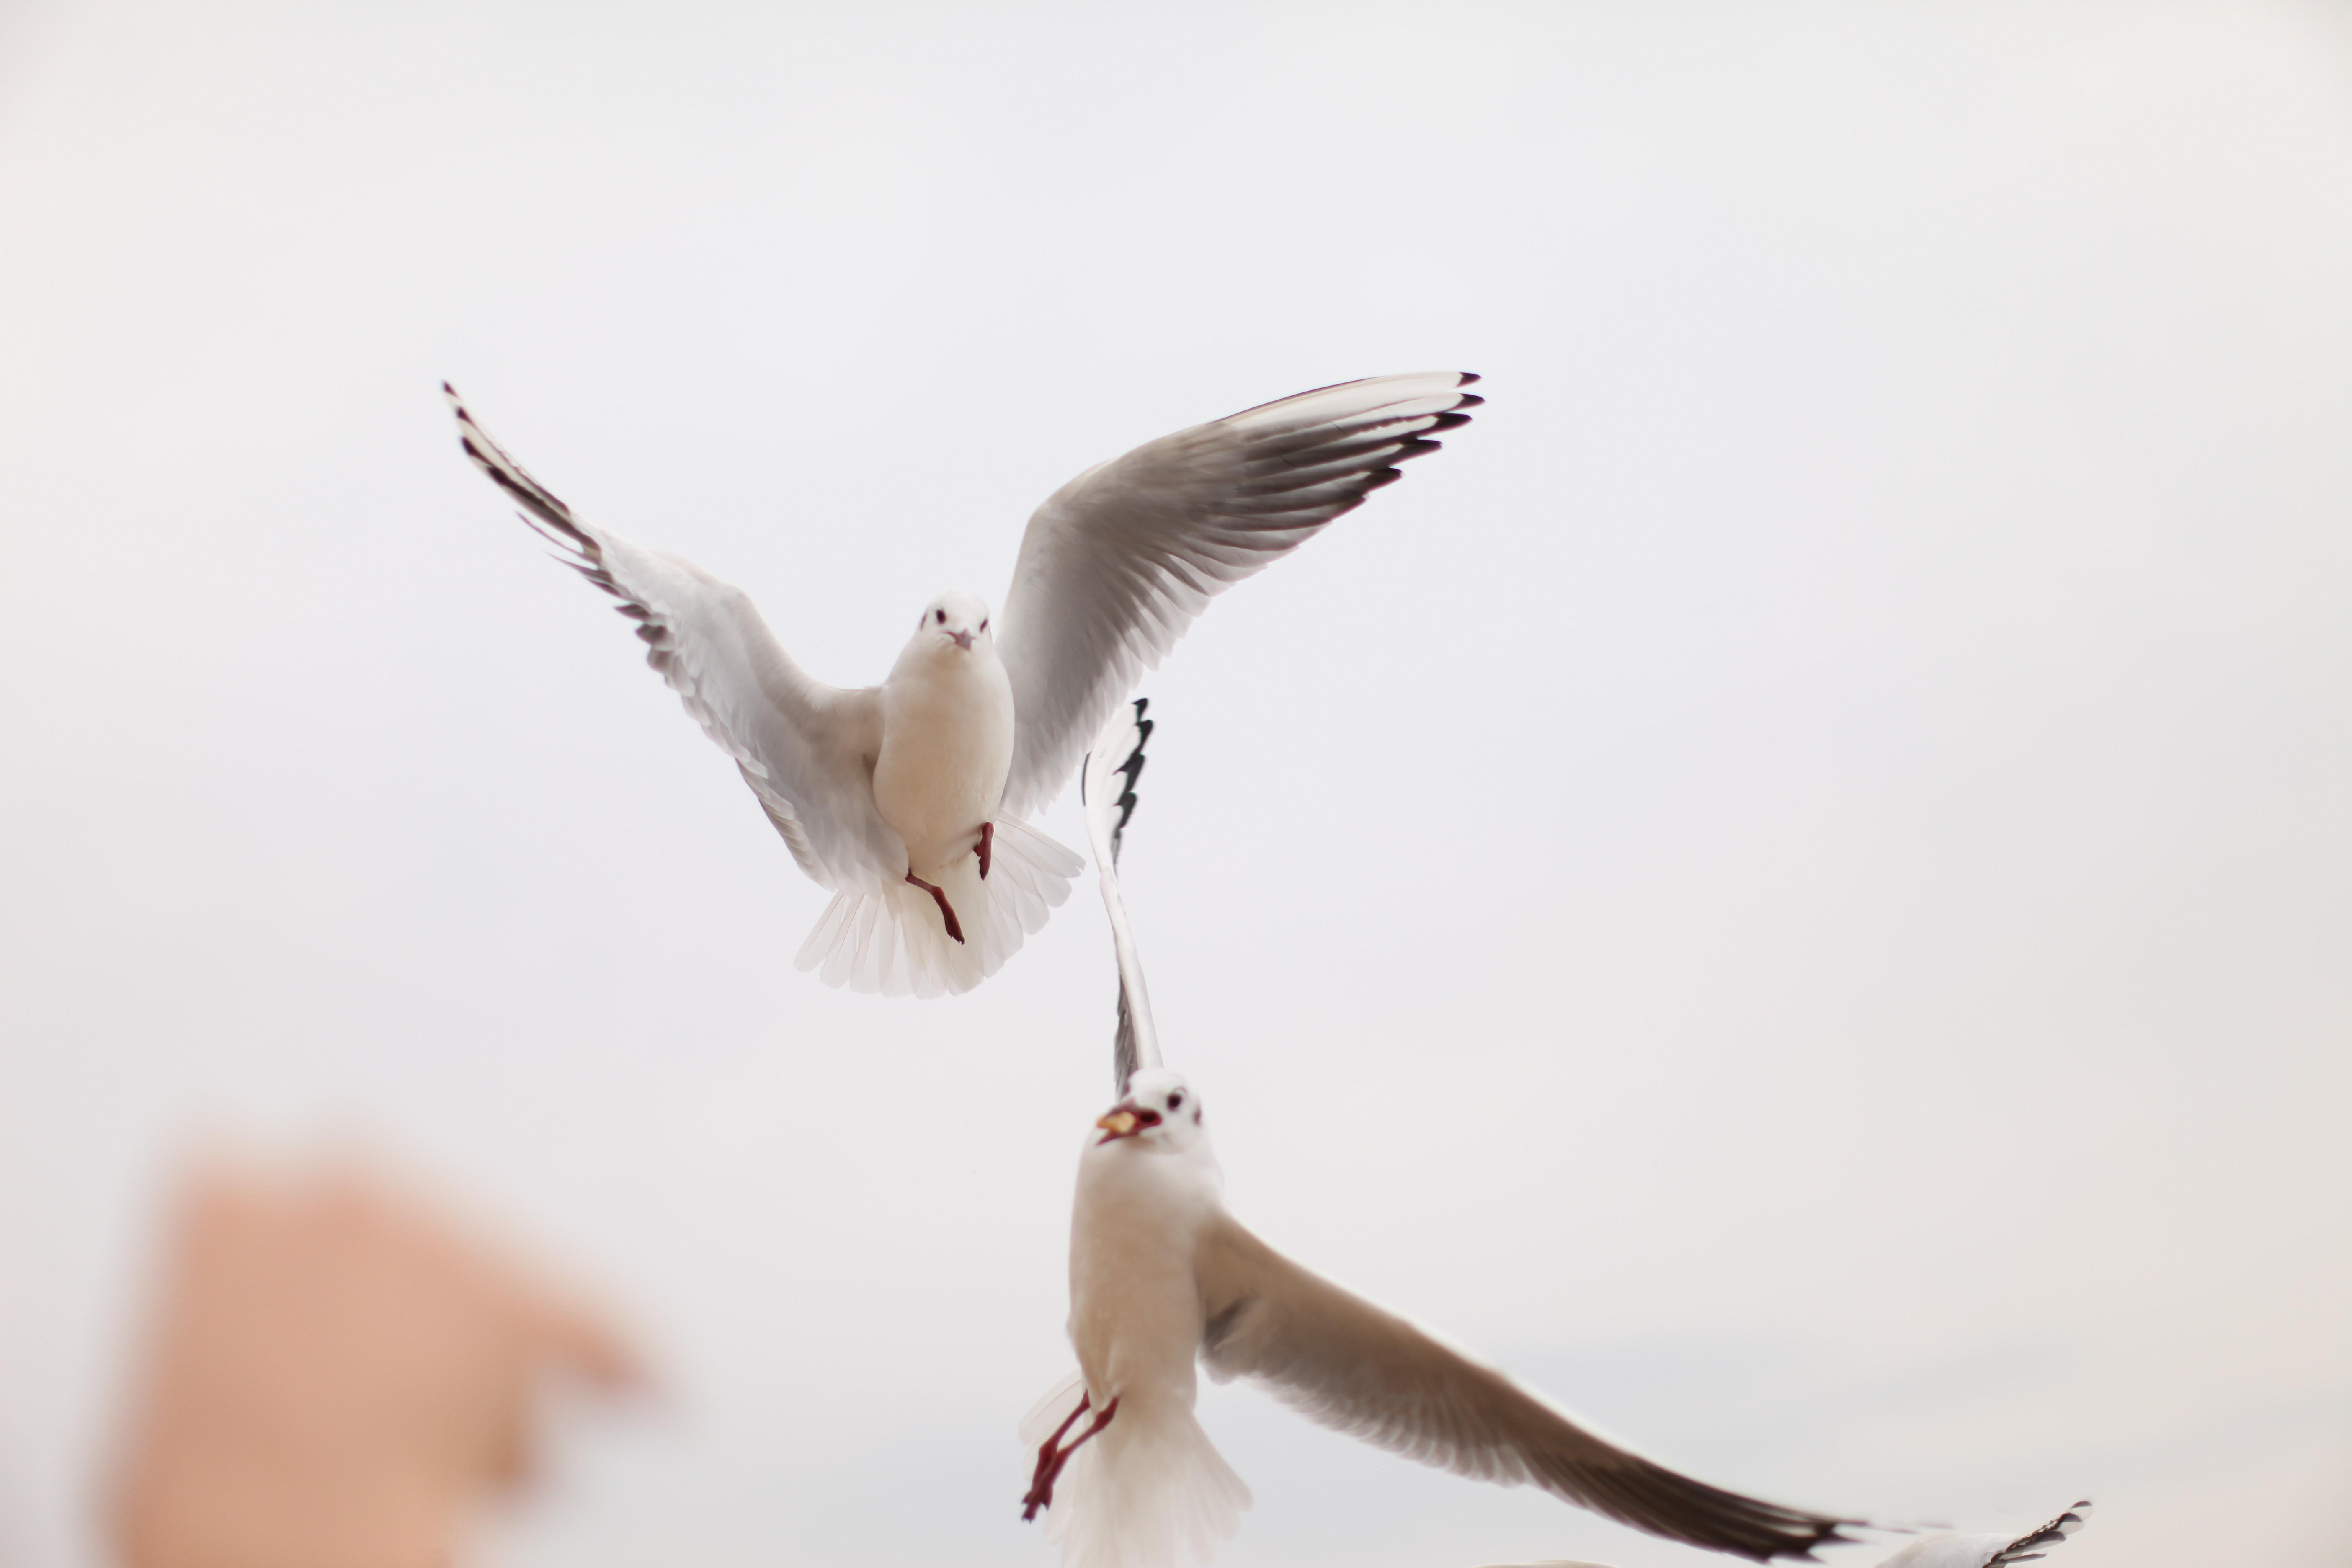 фразу картинки чайка и новый год избежать